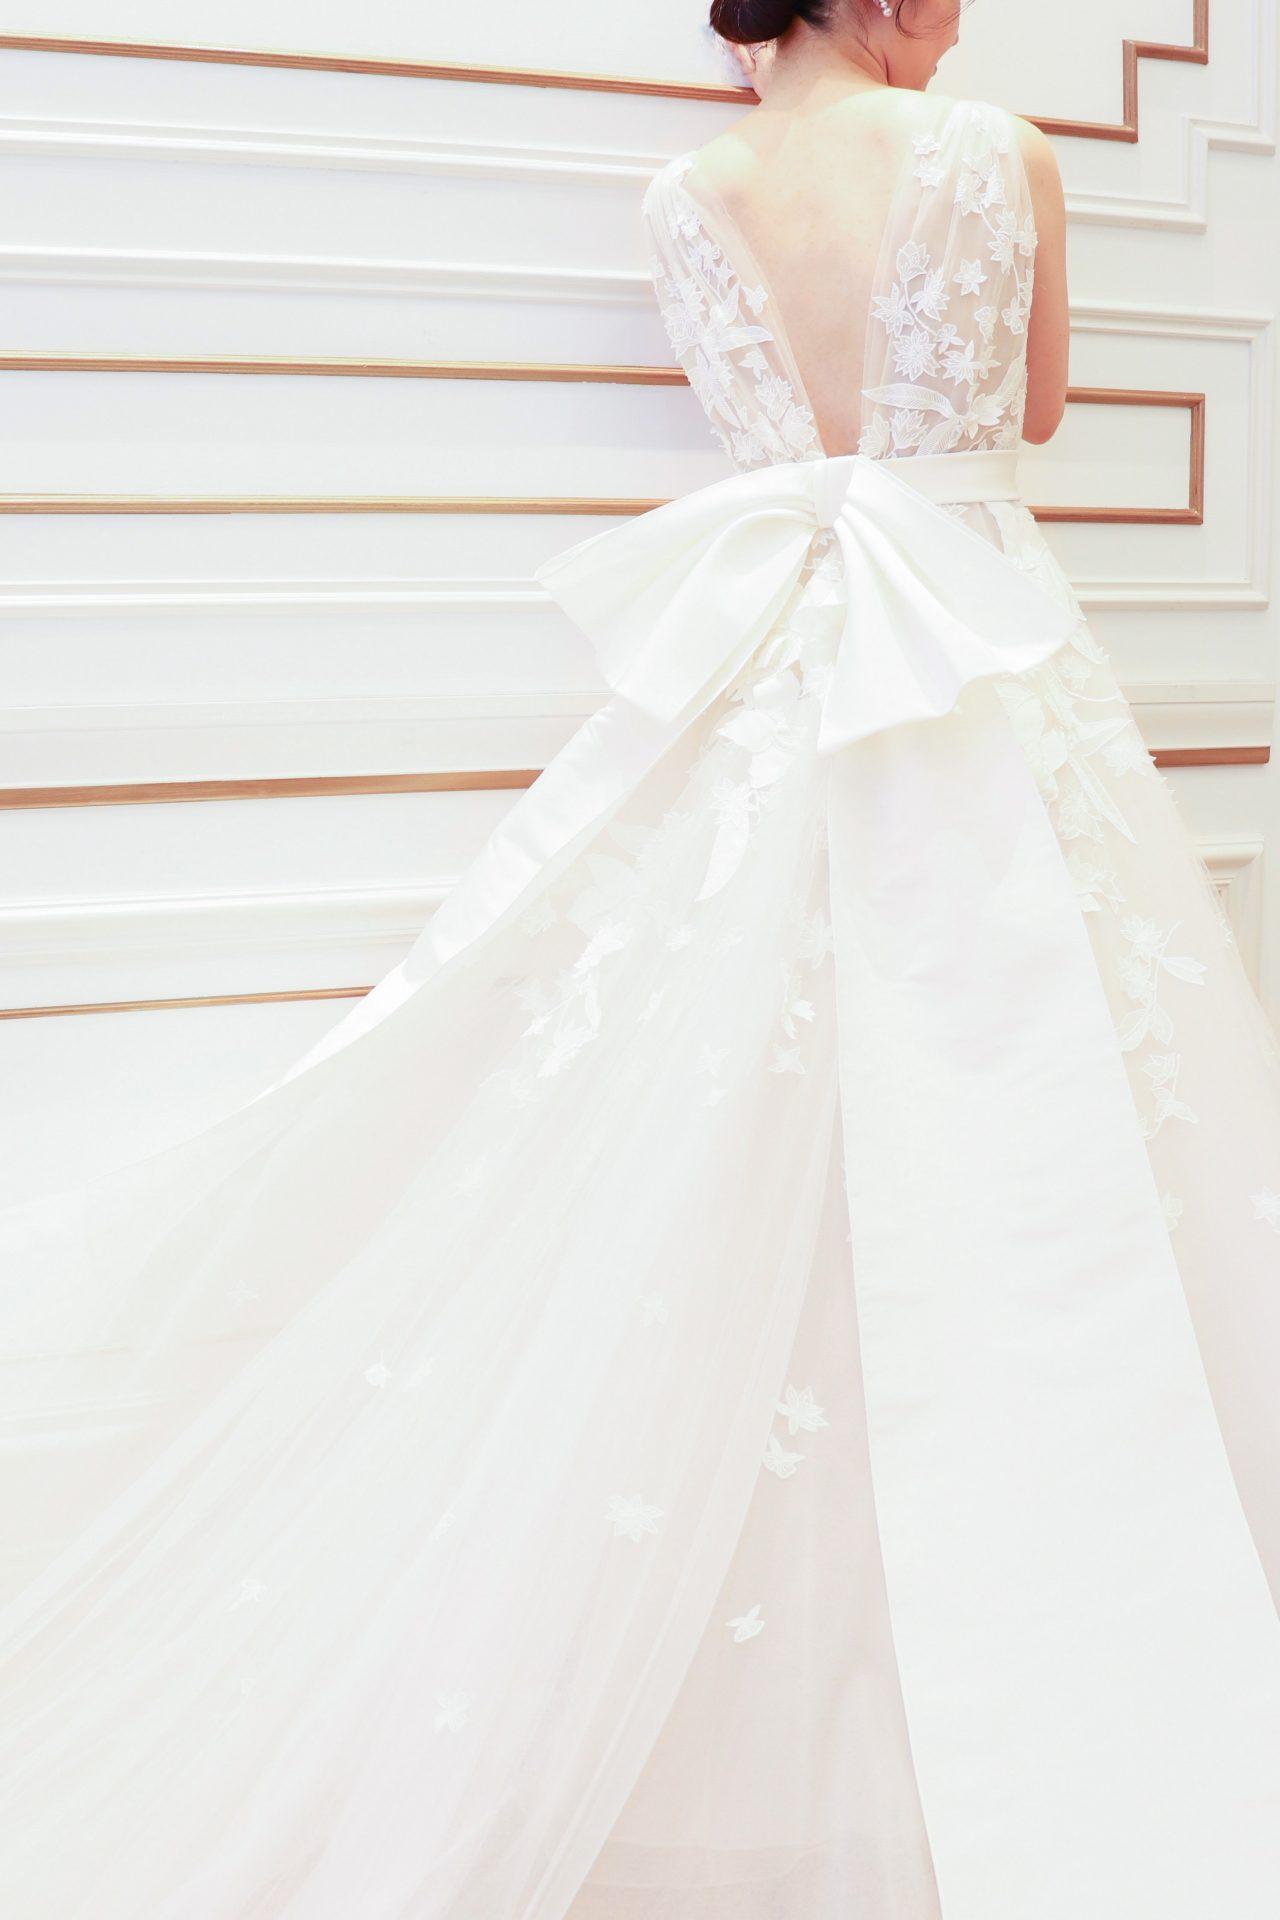 バックスタイルが華やかなチュールでAラインのウェディングドレス